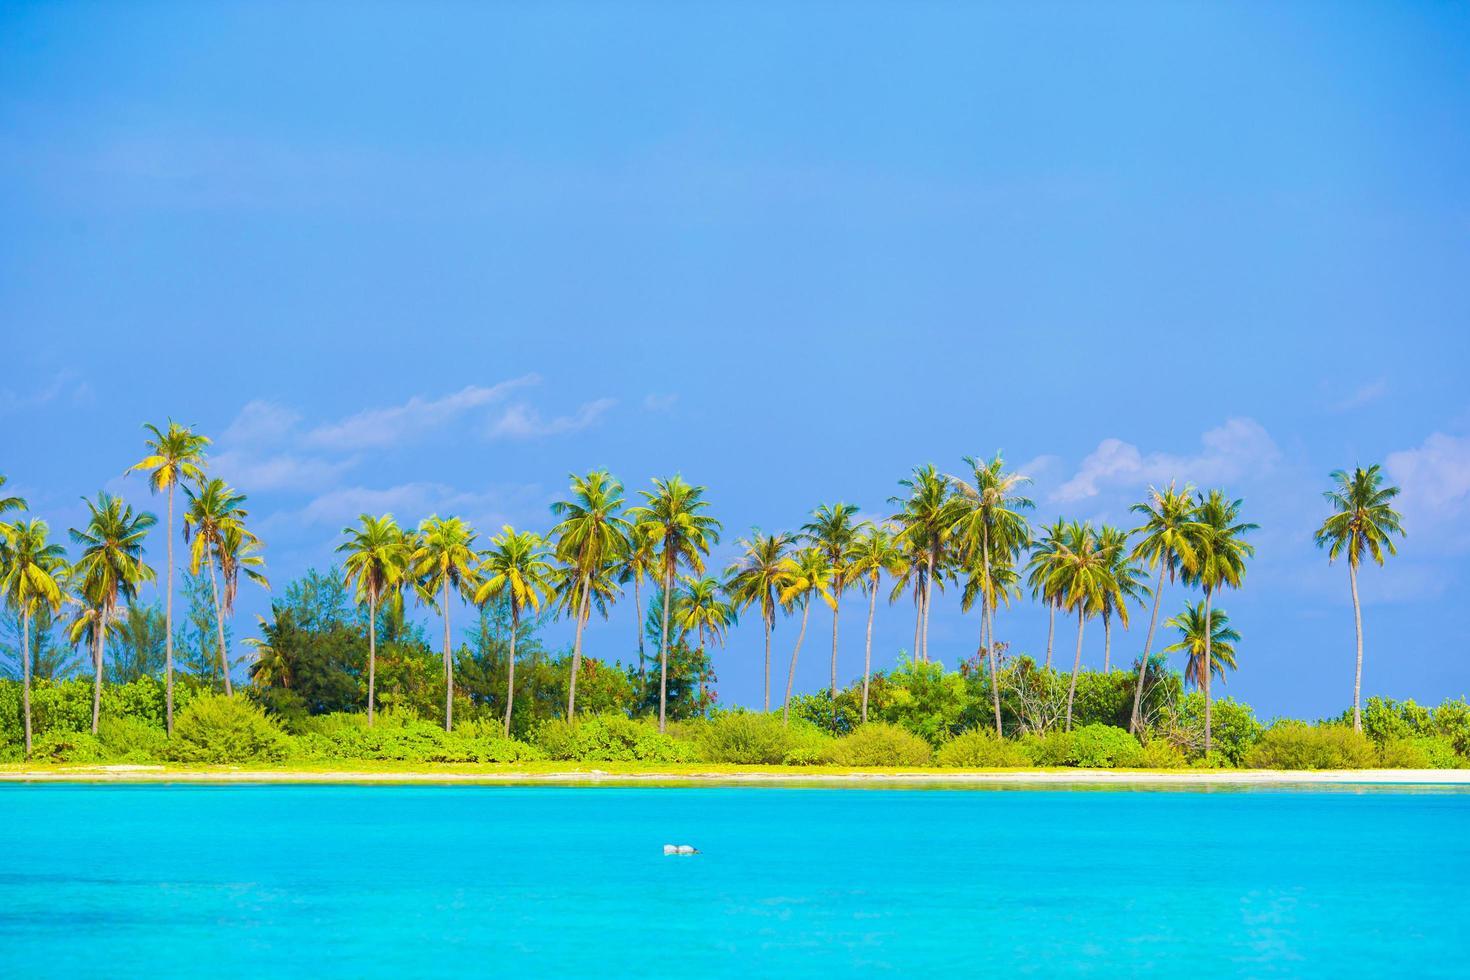 plage tropicale pendant la journée photo